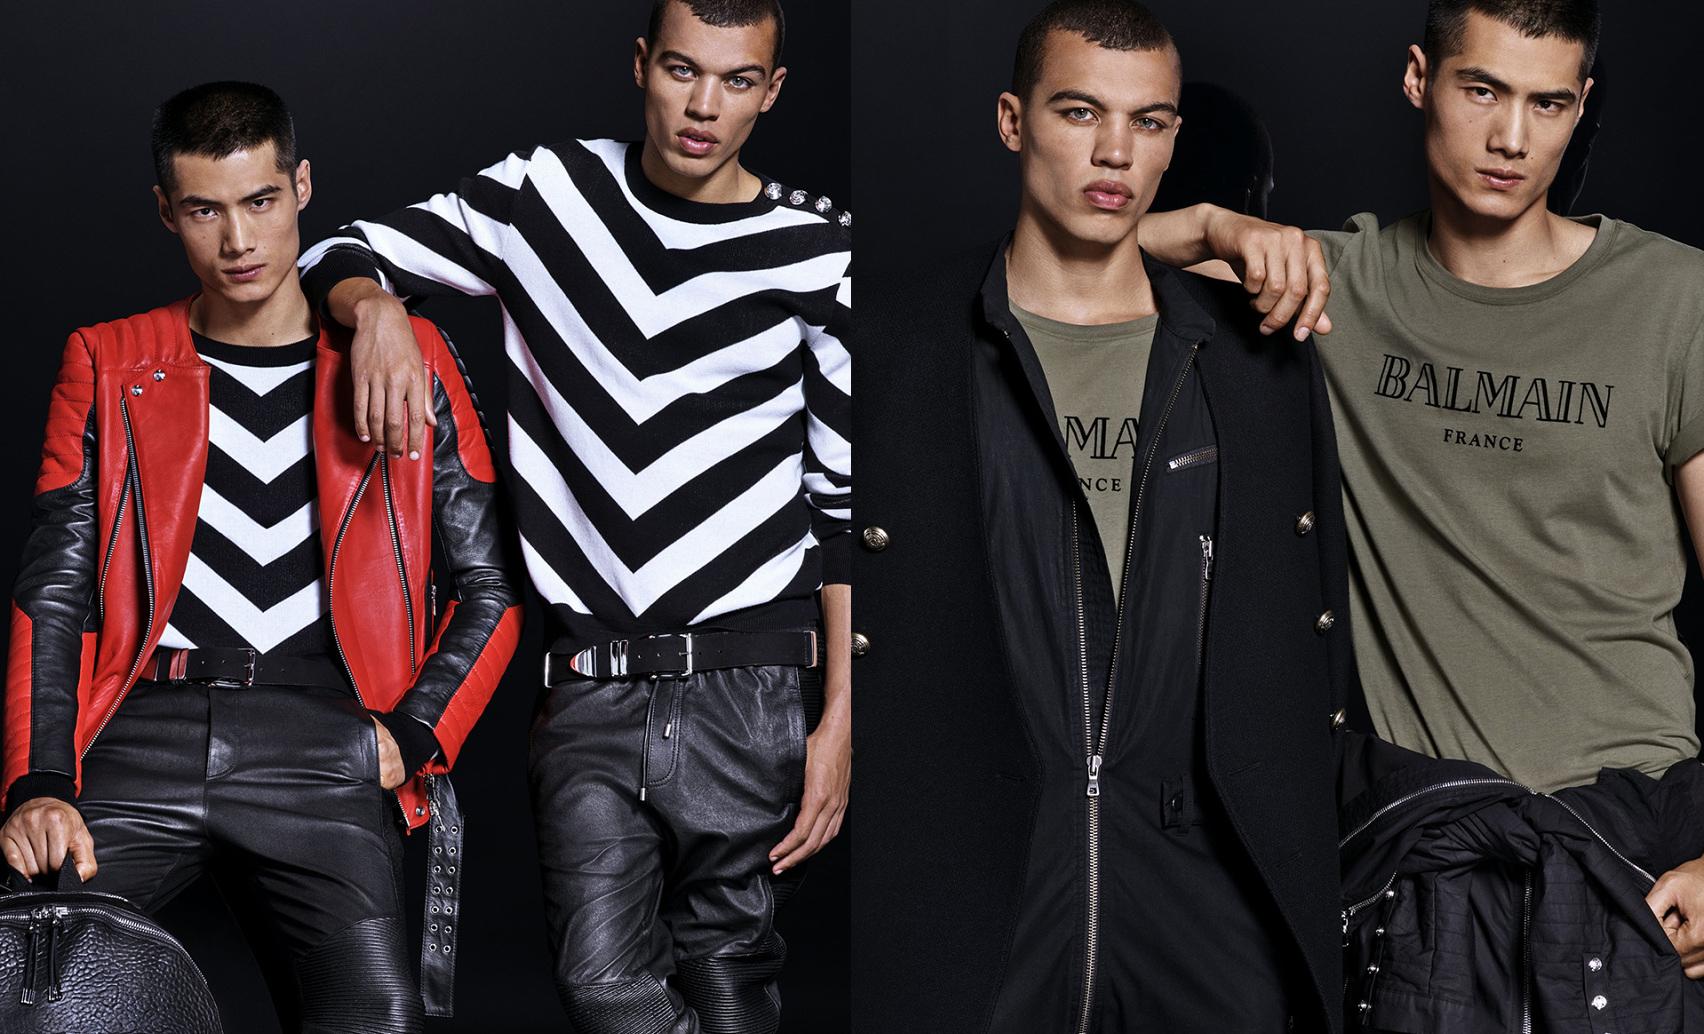 H&M x Balmain Full Menswear Lookbook